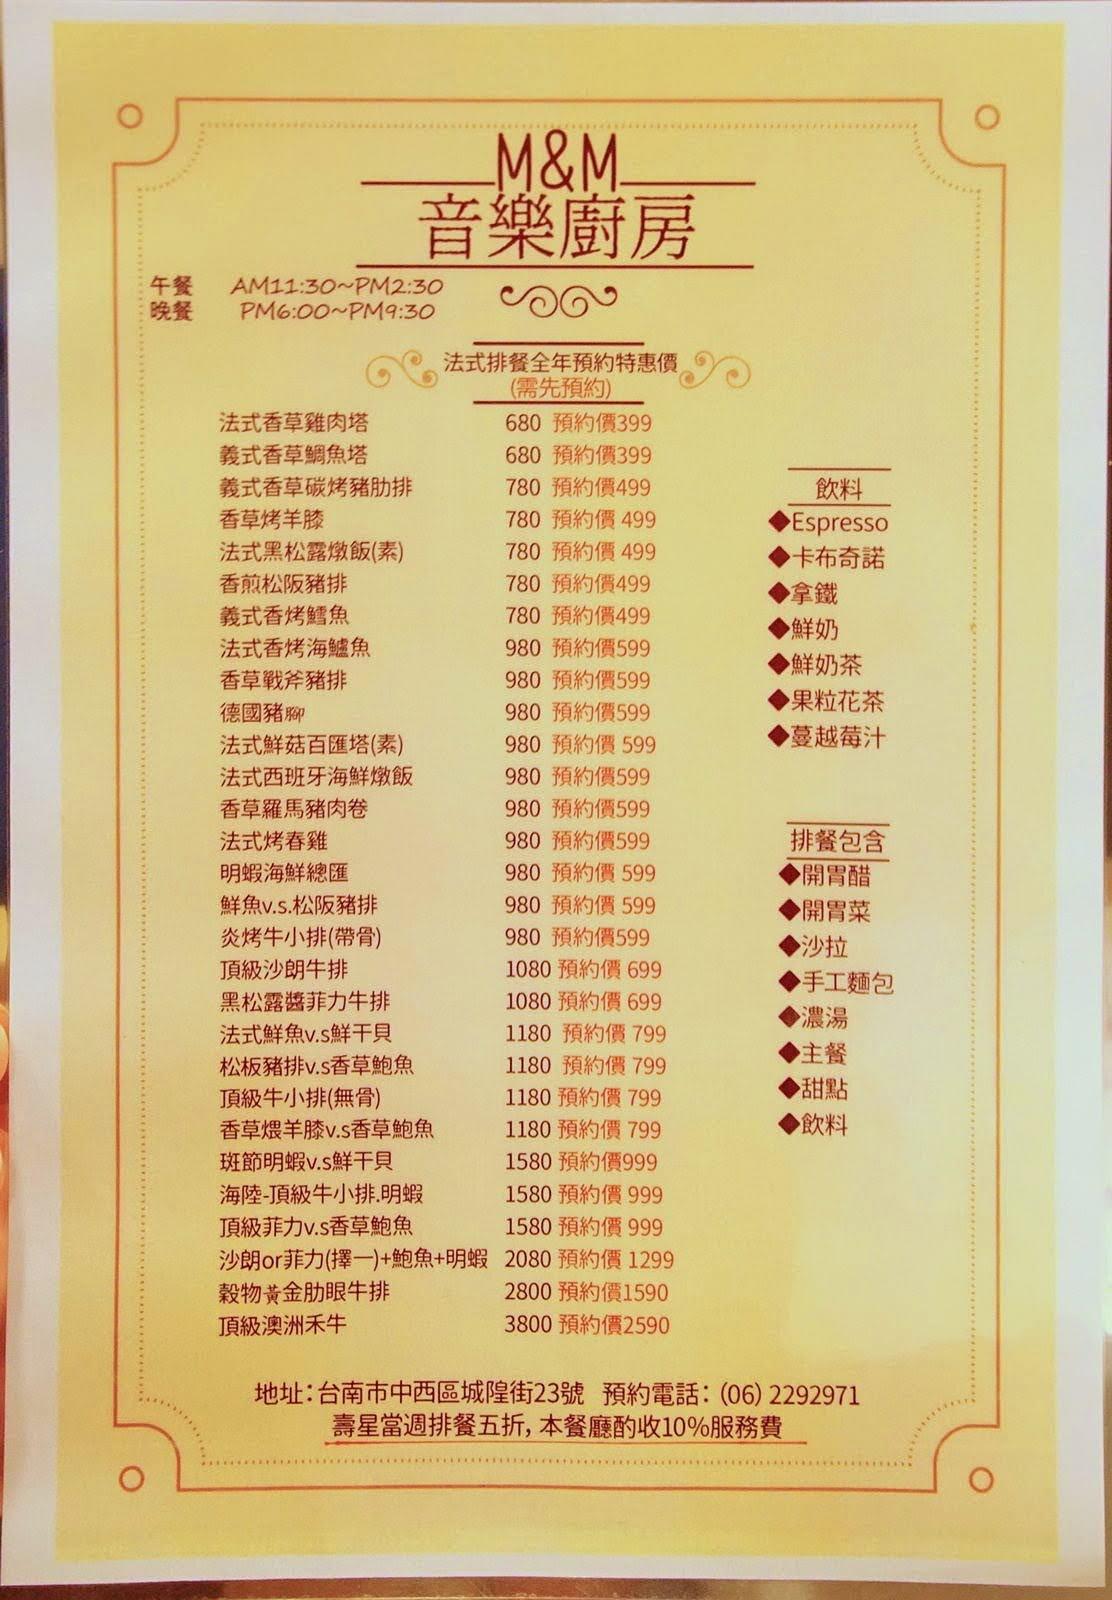 [台南][中西區] M&M音樂廚房|在老屋、花園、古物與音樂的環繞下吃法式排餐|壽星當週用餐半價|食記